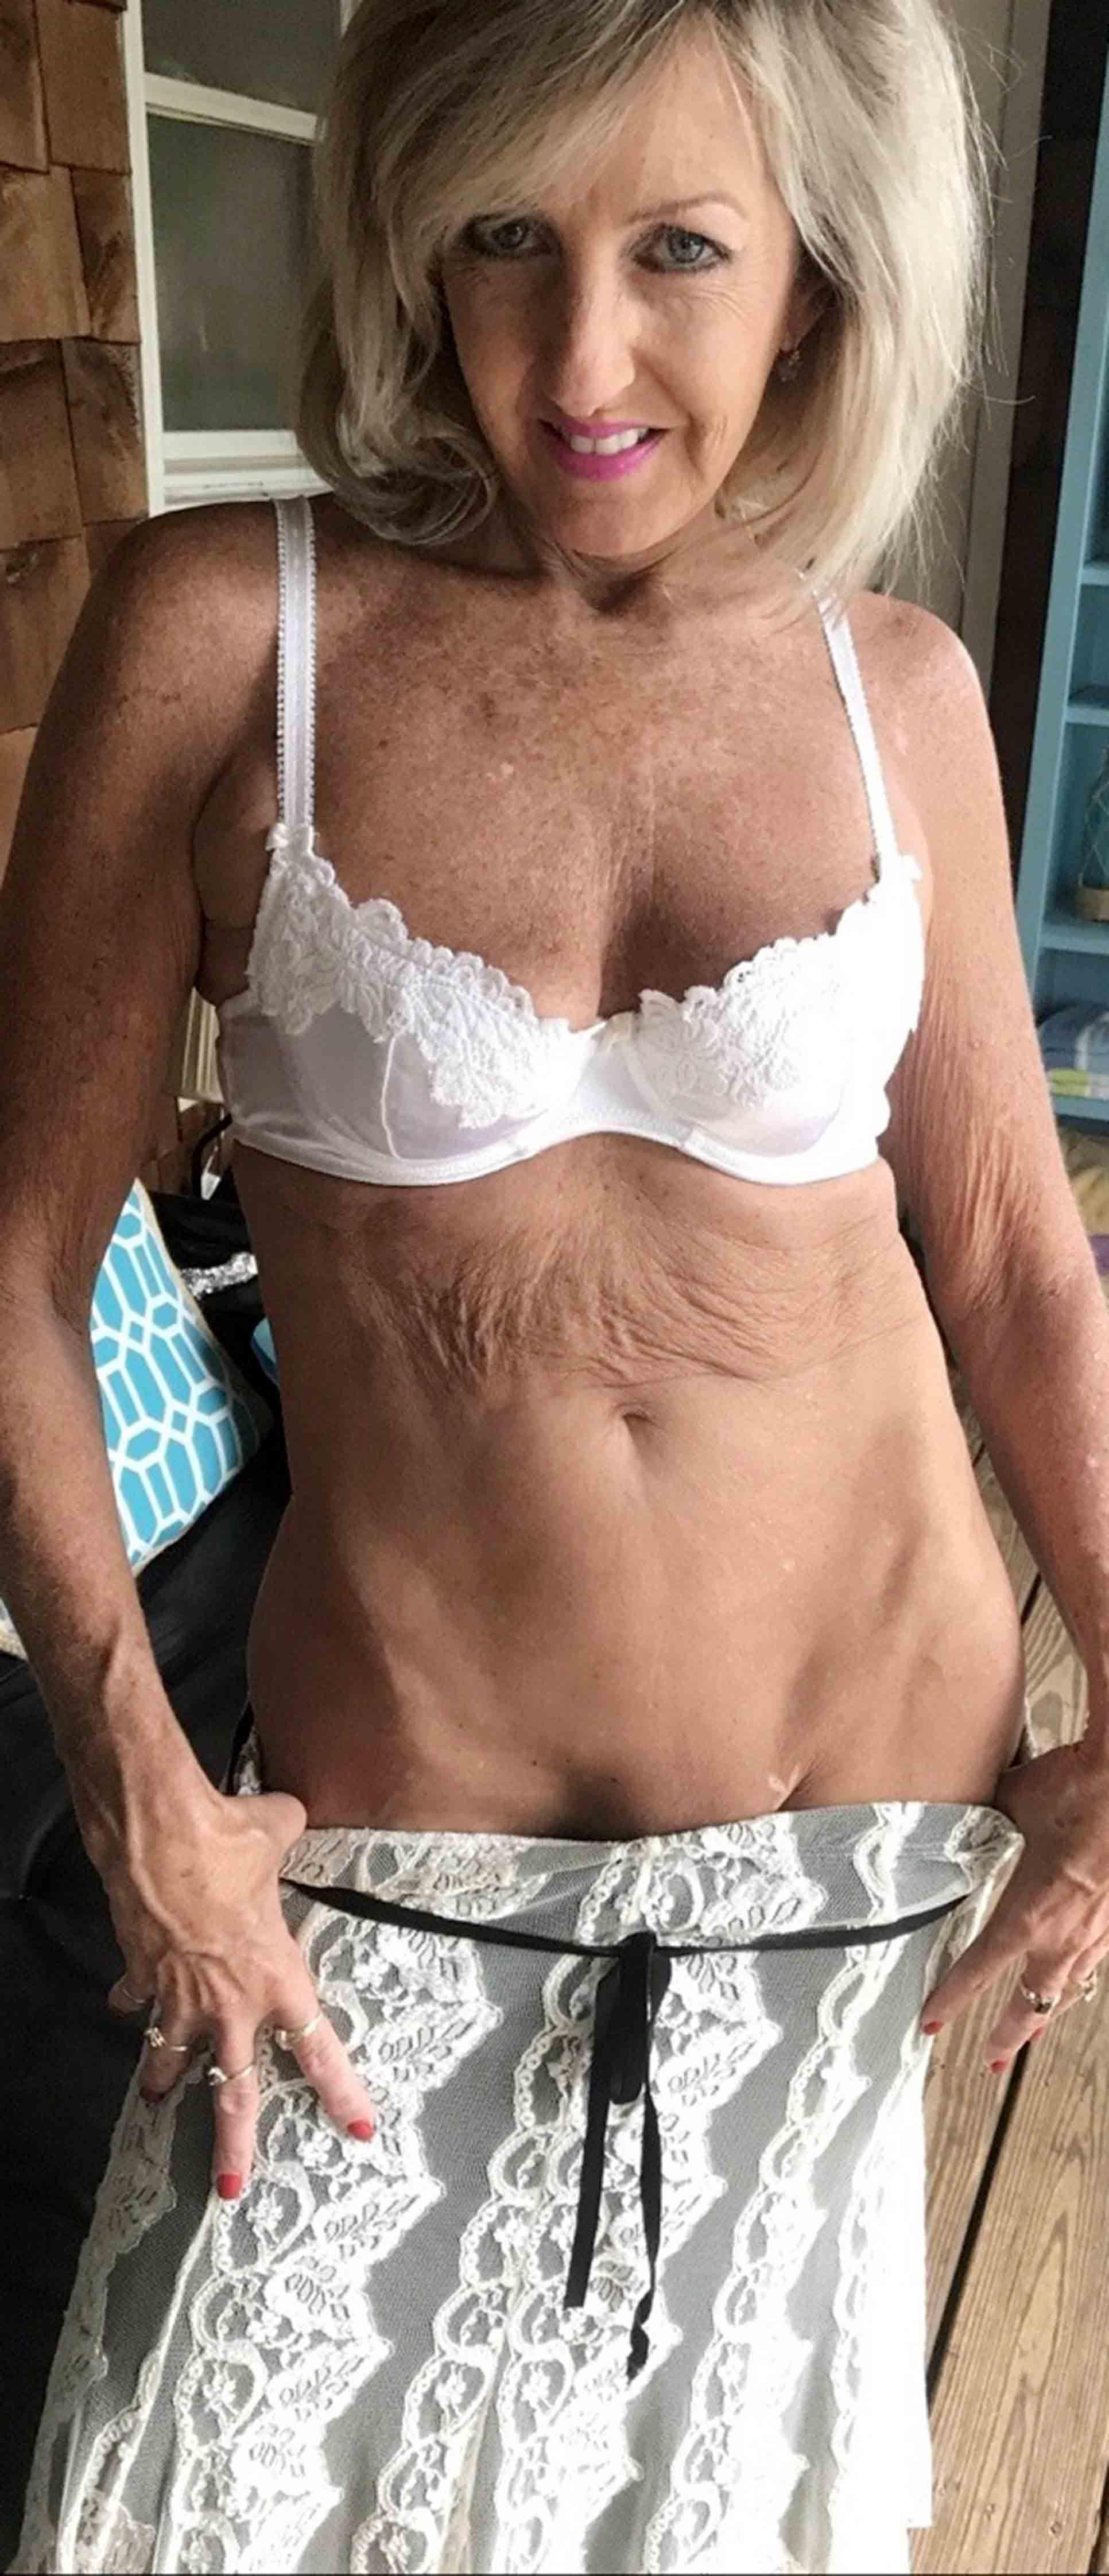 Tell more mature older granny nude phrase... super